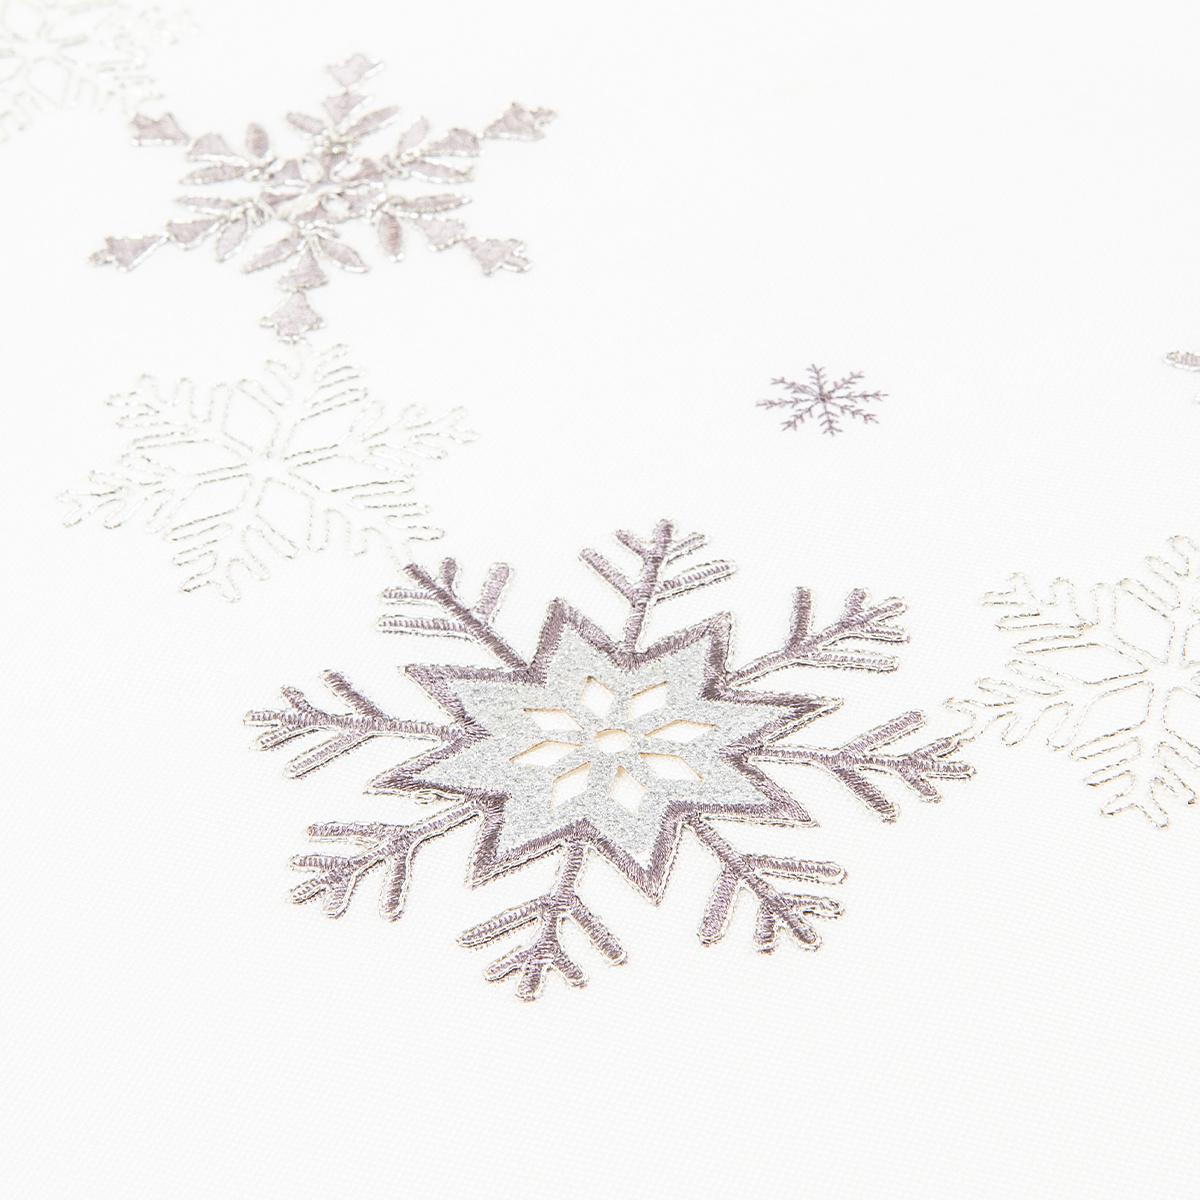 Vánoční ubrus Vločky stříbrná, 35 x 160 cm